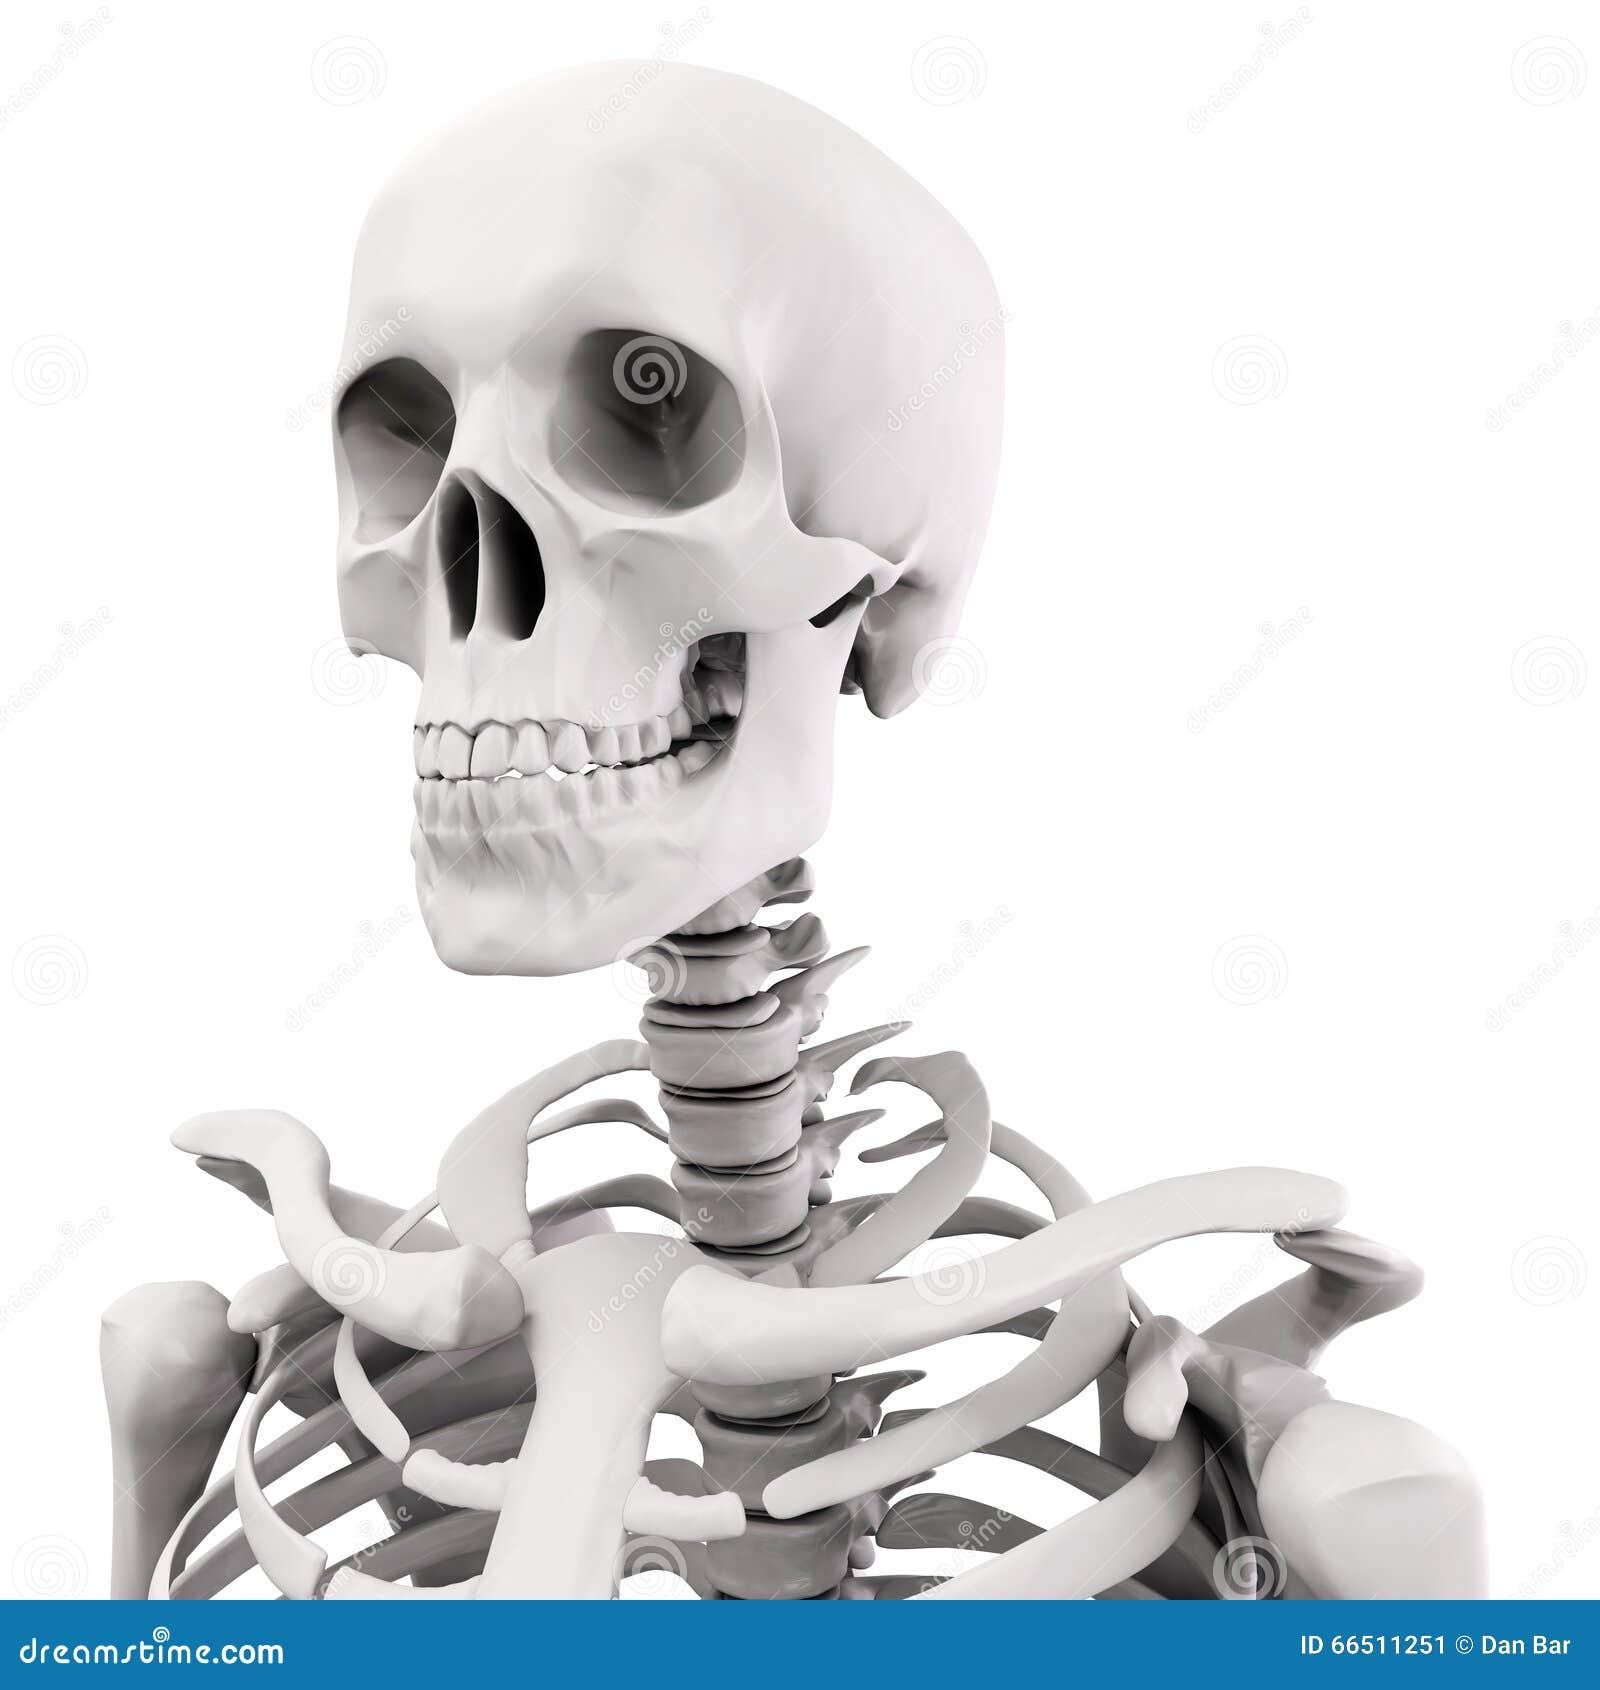 Skelett des Menschen 3D stock abbildung. Illustration von haltung ...